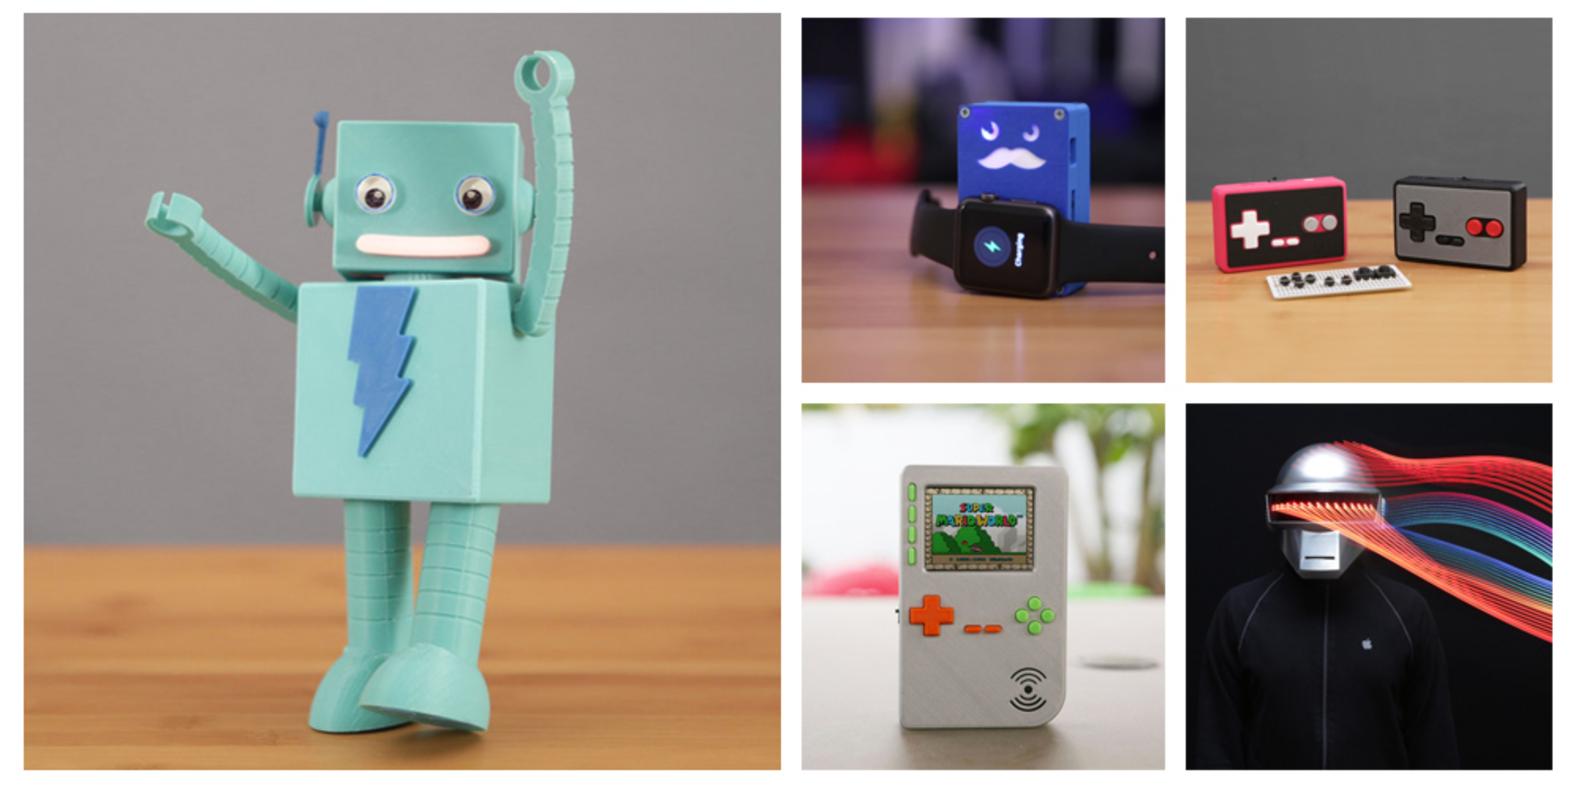 Entrevista a los diseñadores de impresión 3D: Pedro & Noe de Adafruit